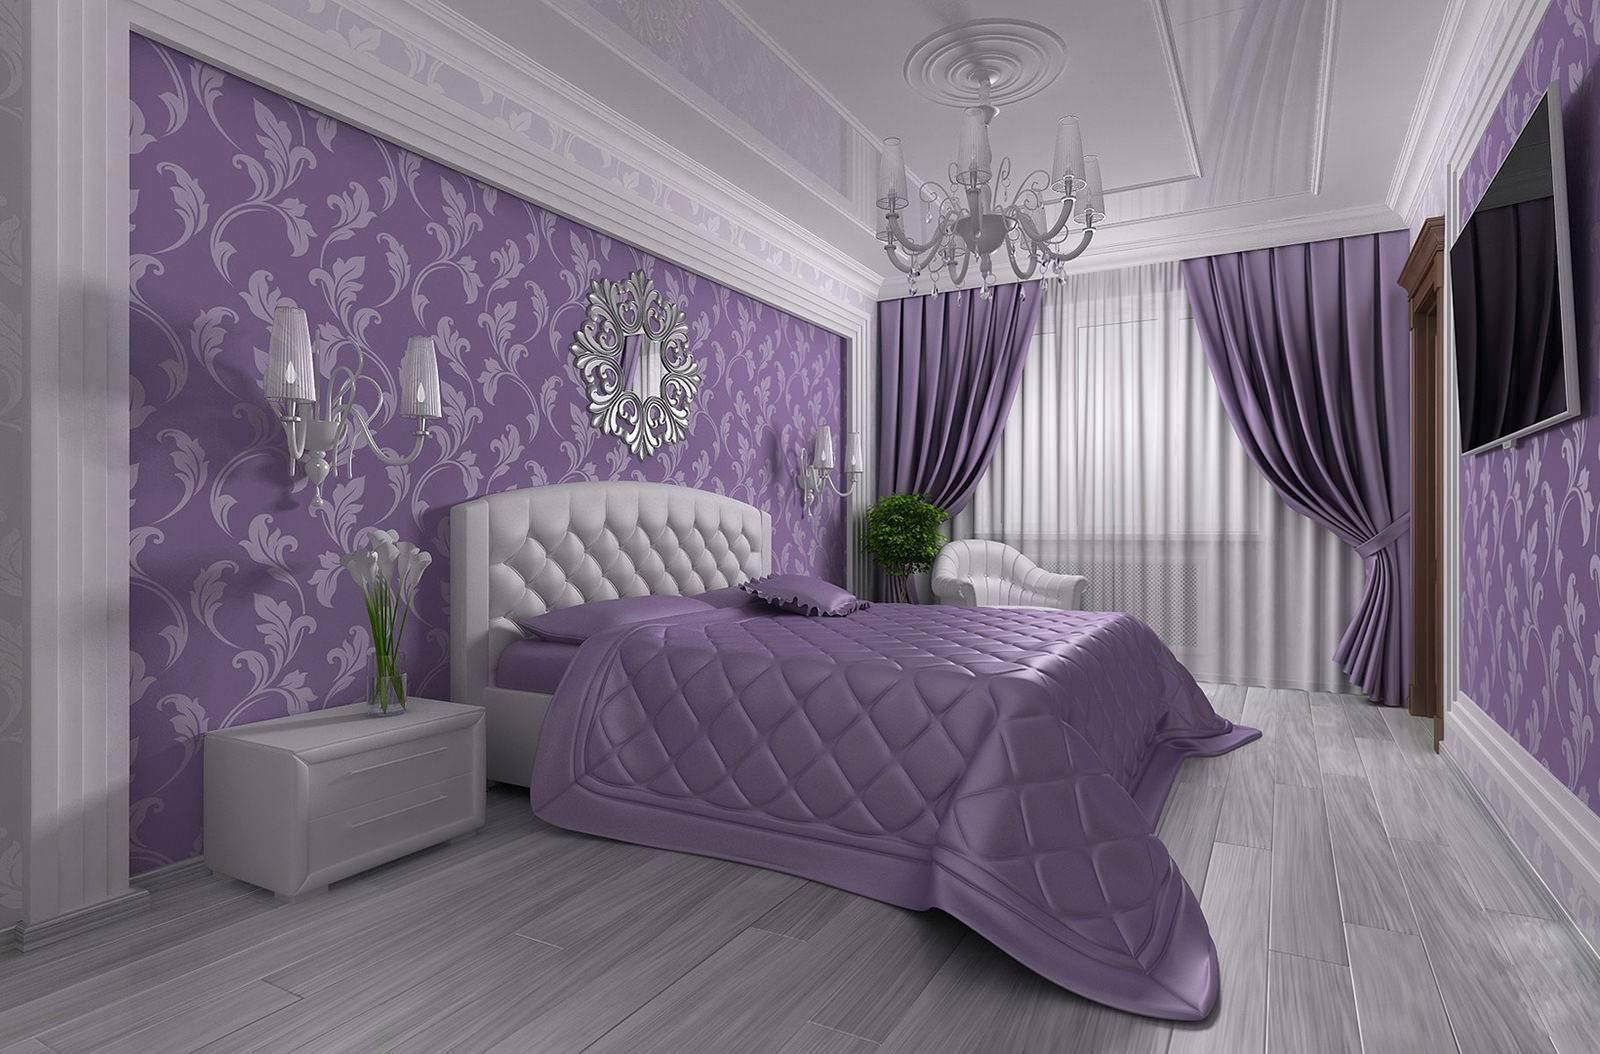 Спальня в сиреневых или фиолетовых тонах - сочетание цветов в интерьере, идеи дизайна с лавандовым, фиалковым, розовым, обзор вариантов с фото